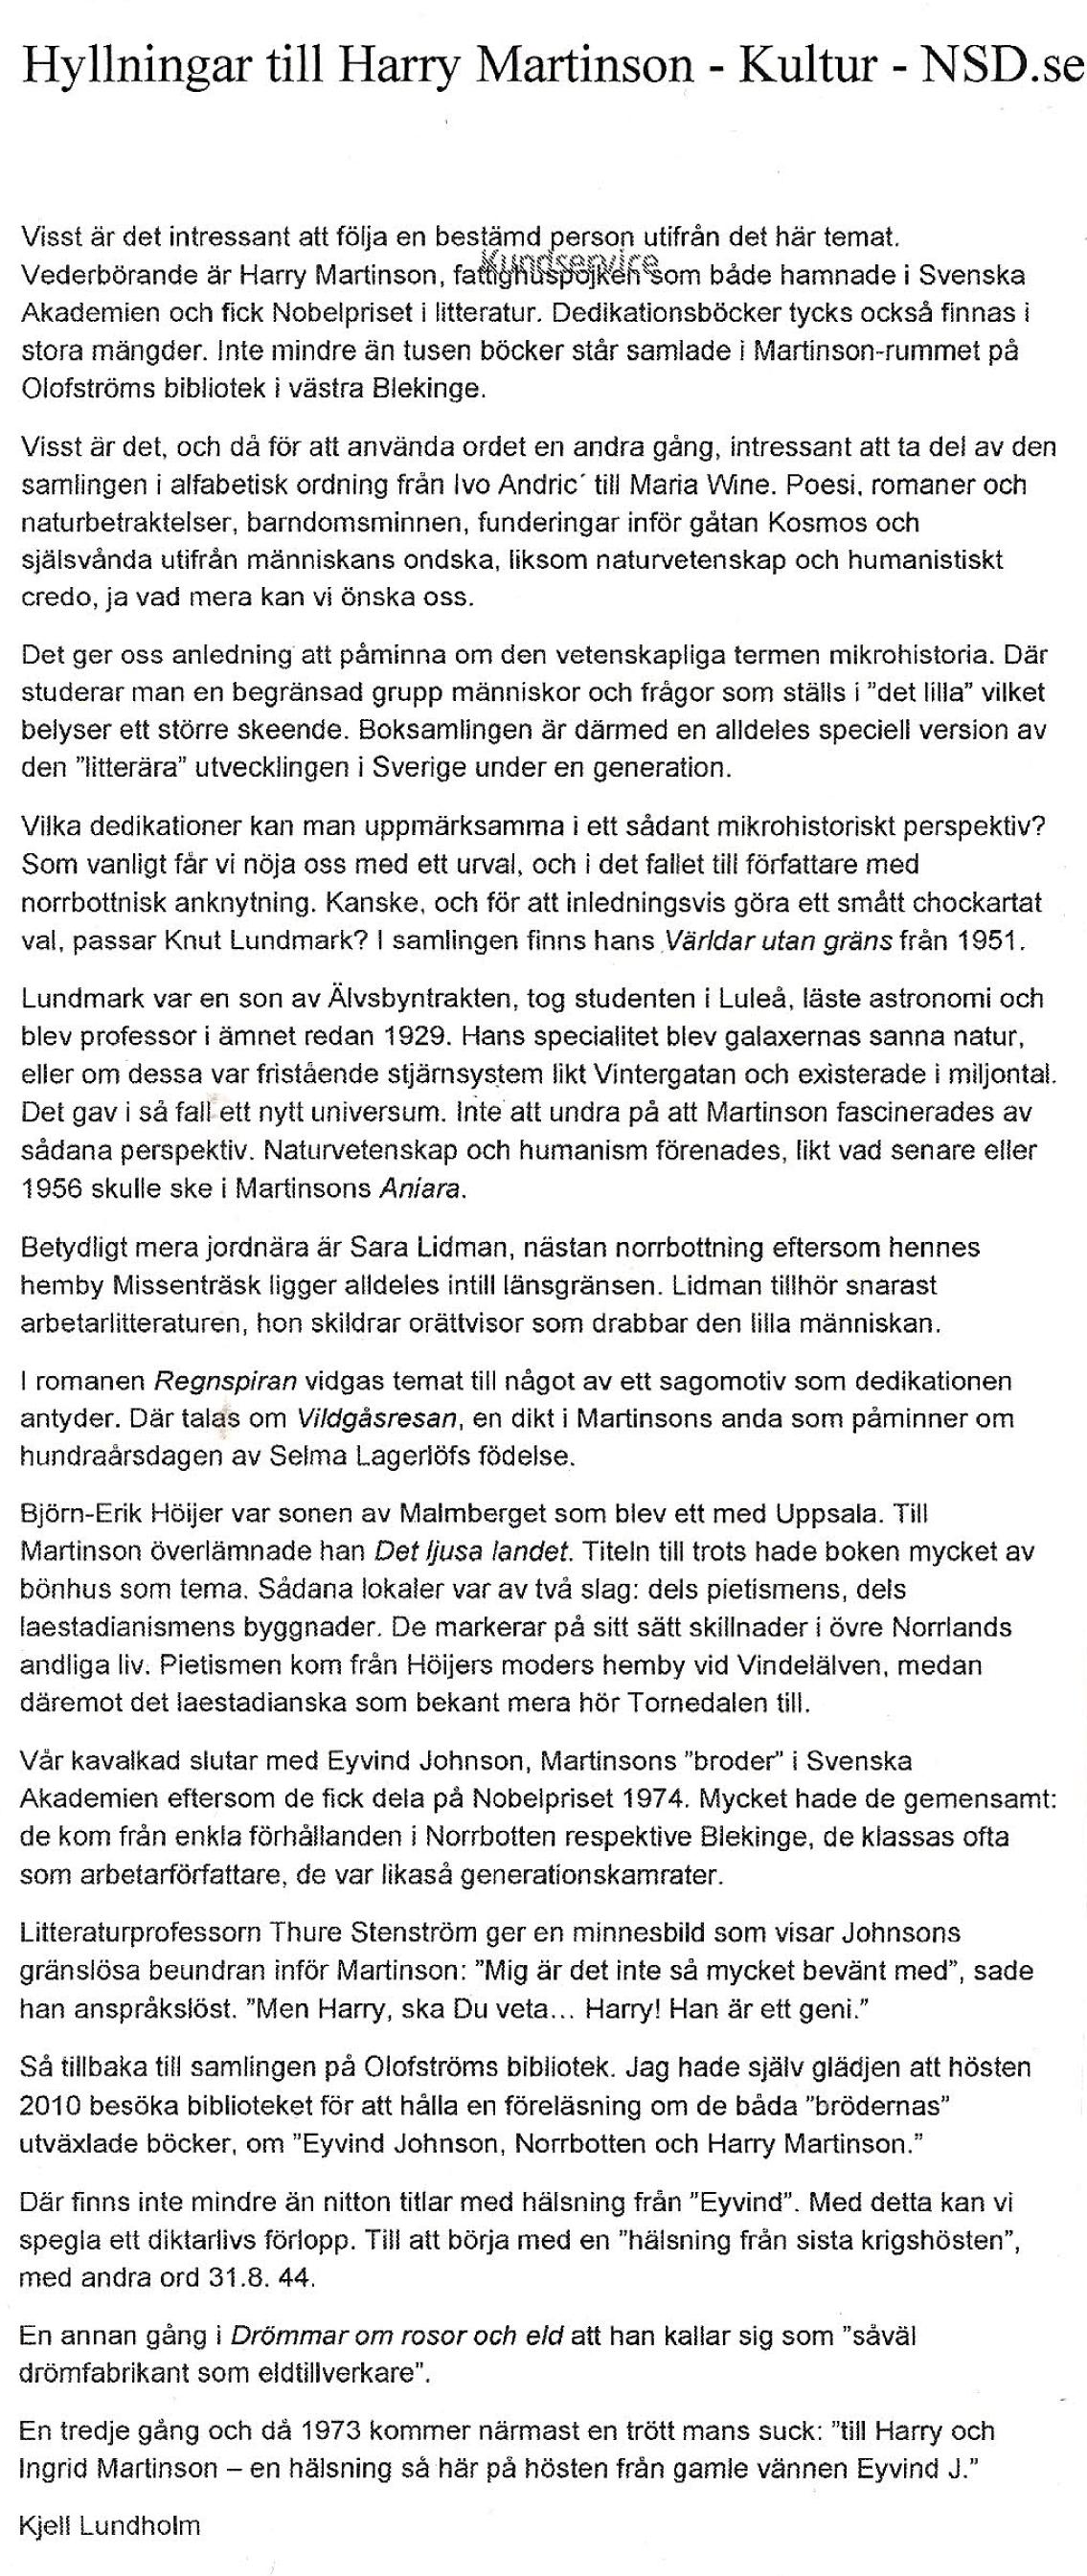 Kjell Lundholm-iNSD